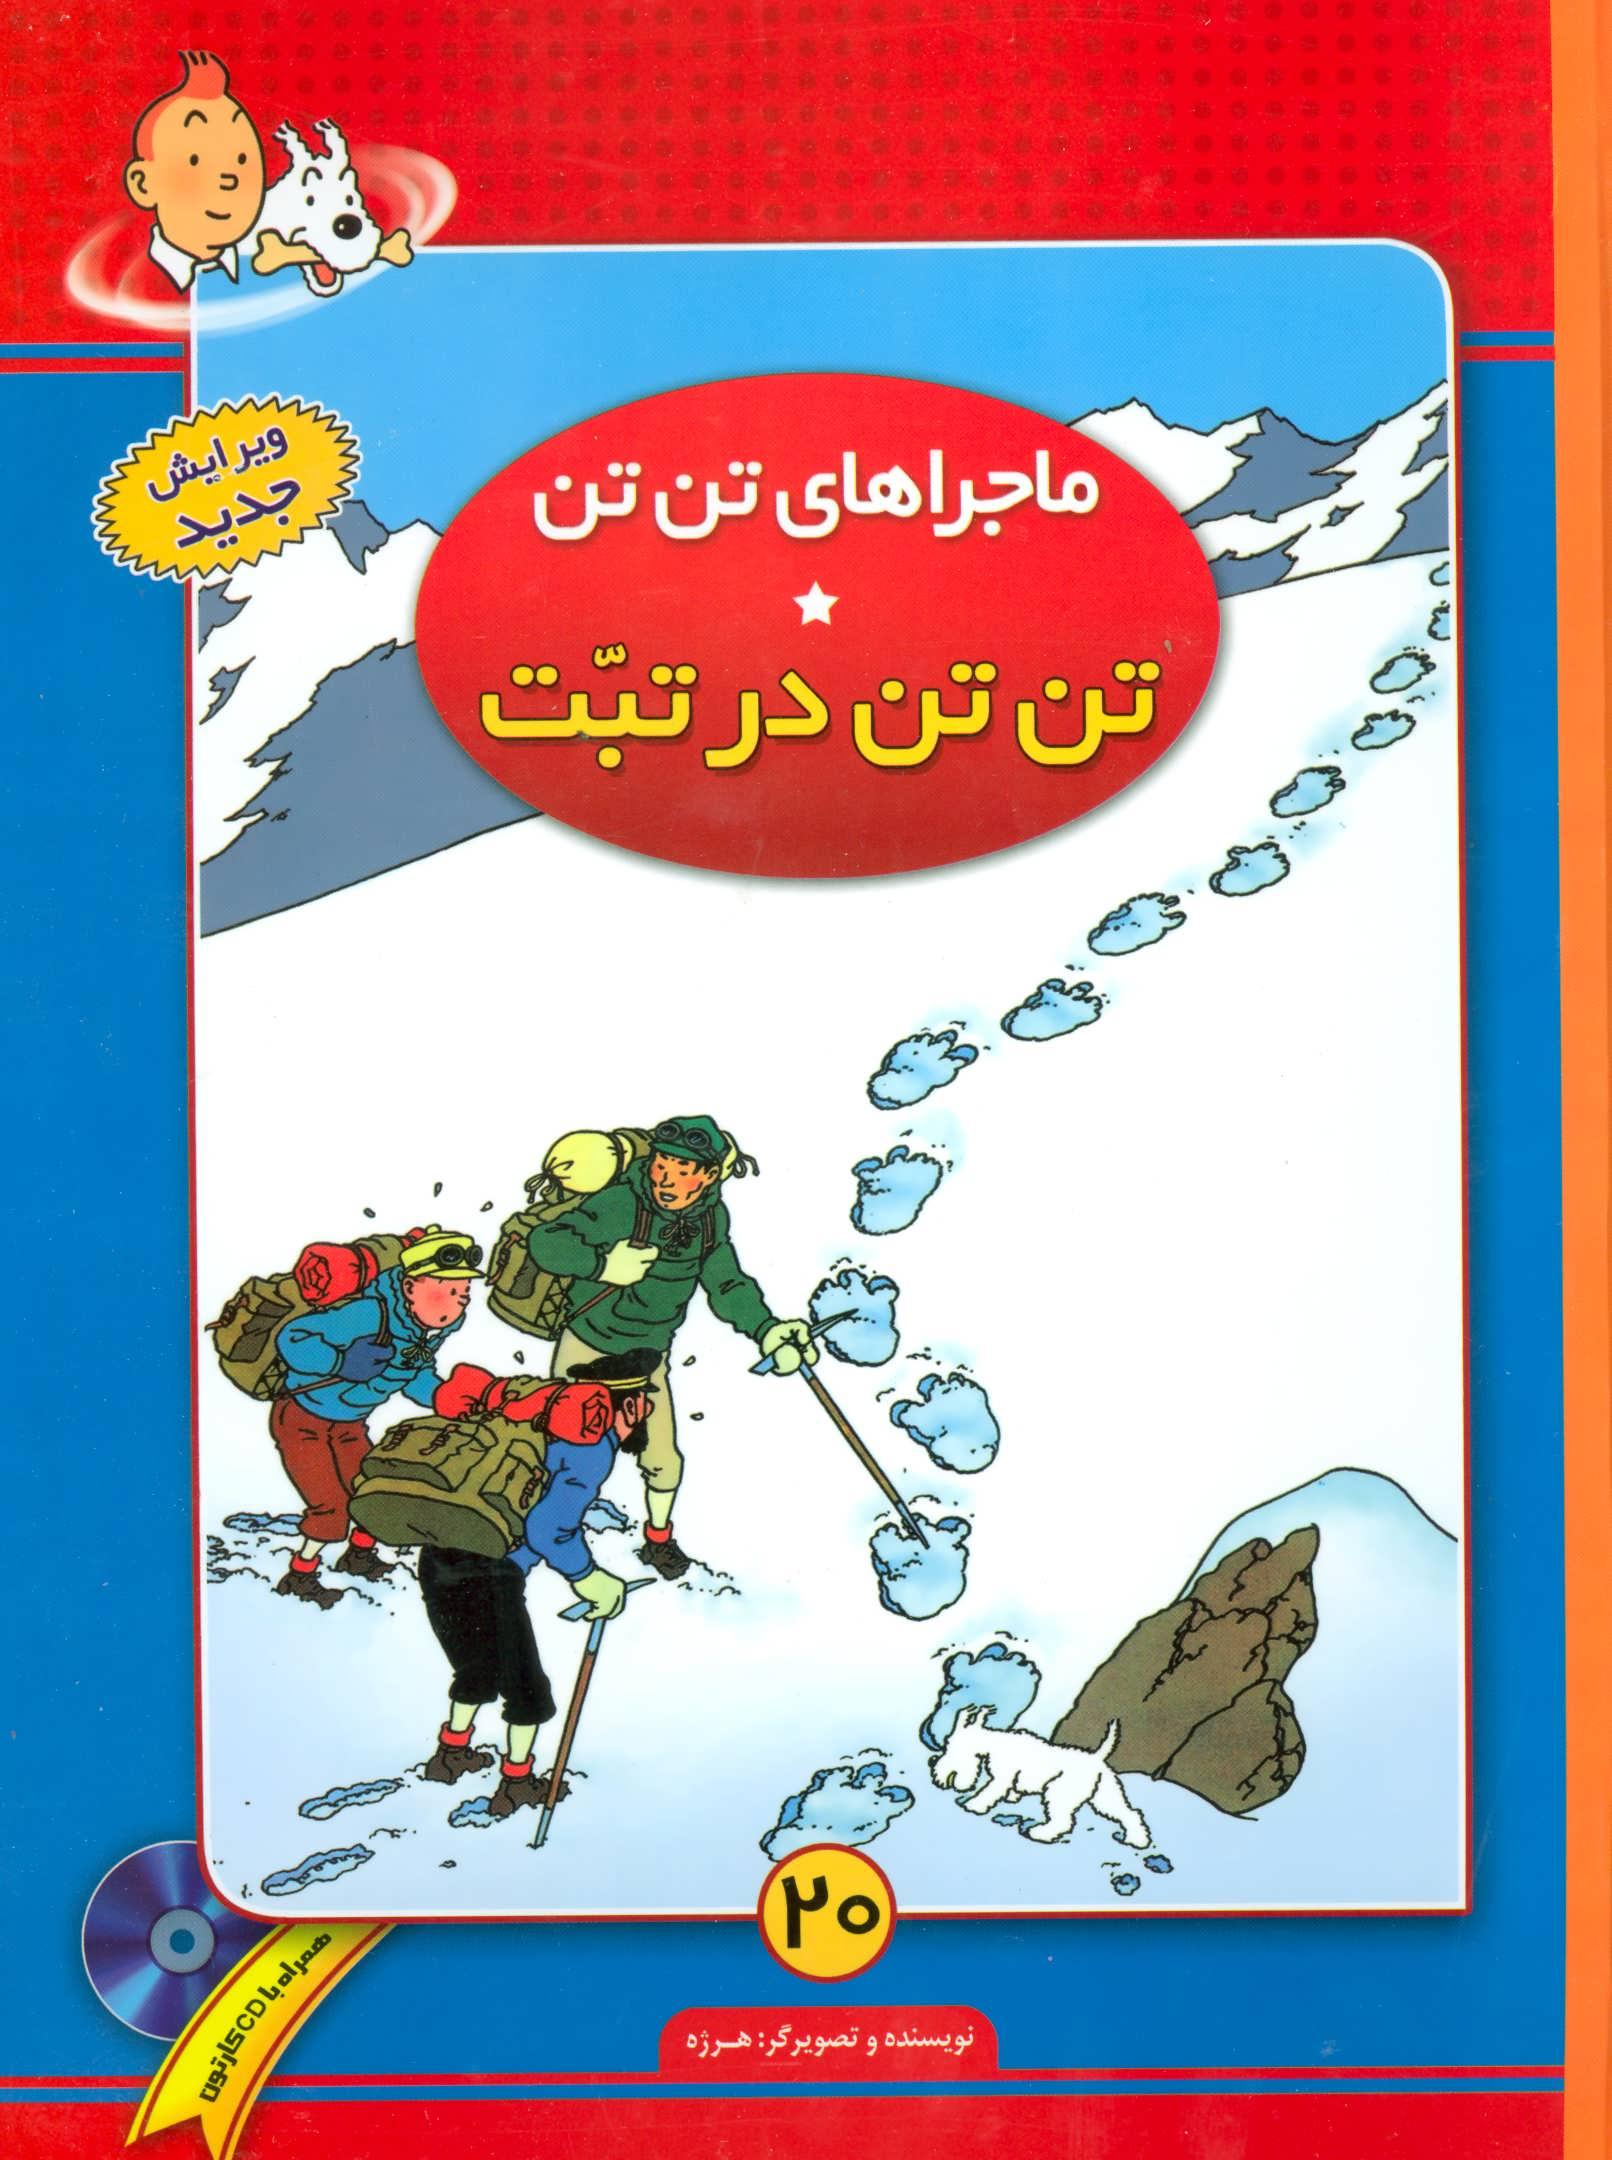 ماجراهای تن تن20 (تن تن در تبت)،همراه با سی دی کارتون (گلاسه)